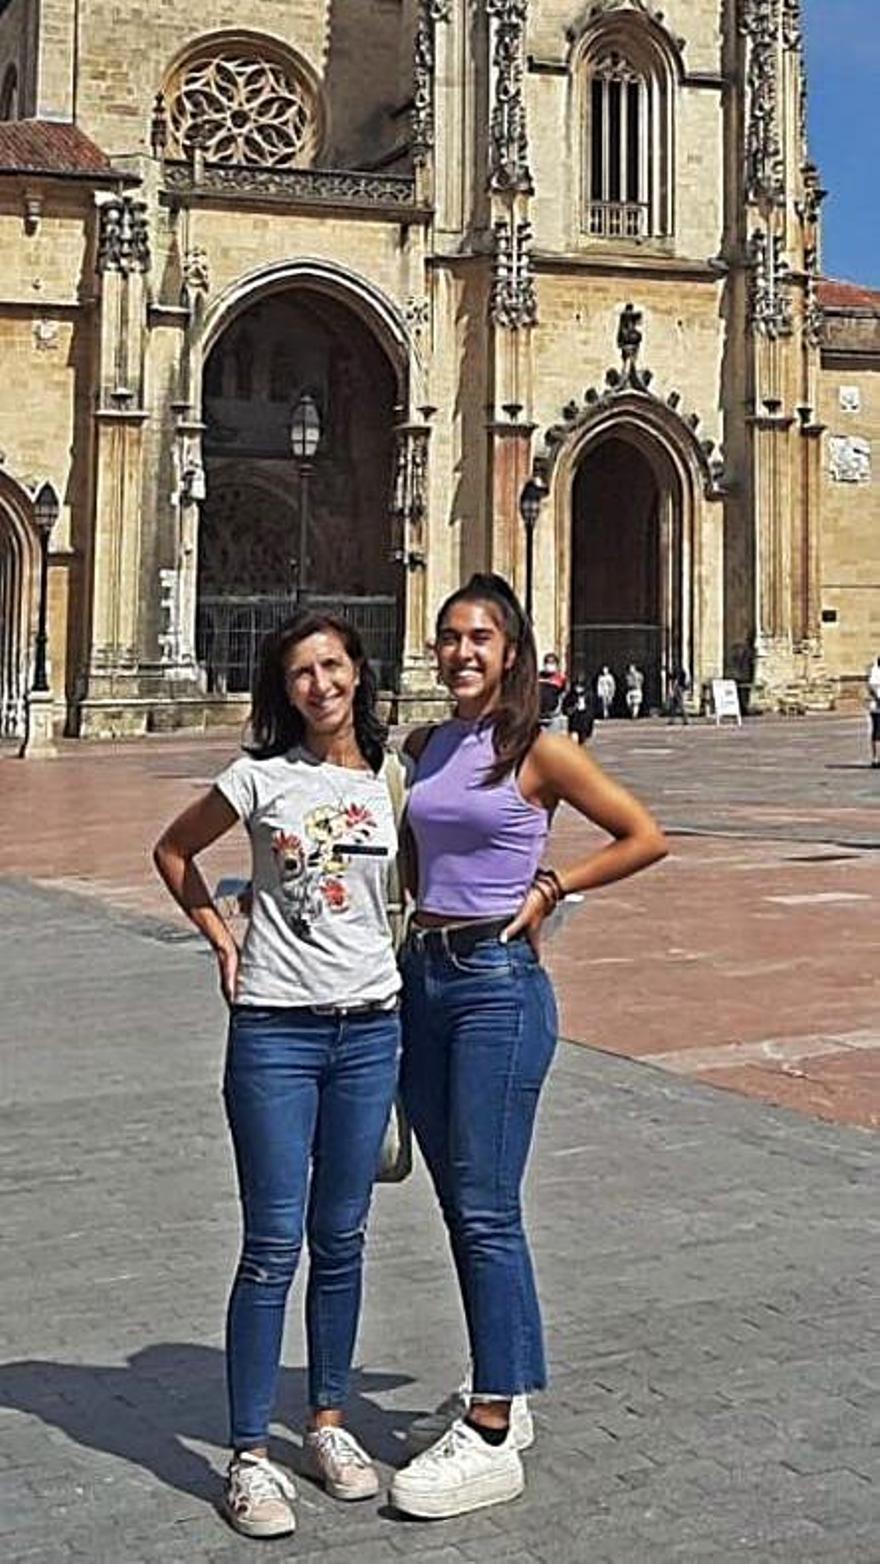 Maica Villarón y Maider Aldunate, madre e hija de Pamplona, ayer,  en la plaza de la Catedral.   N. F.